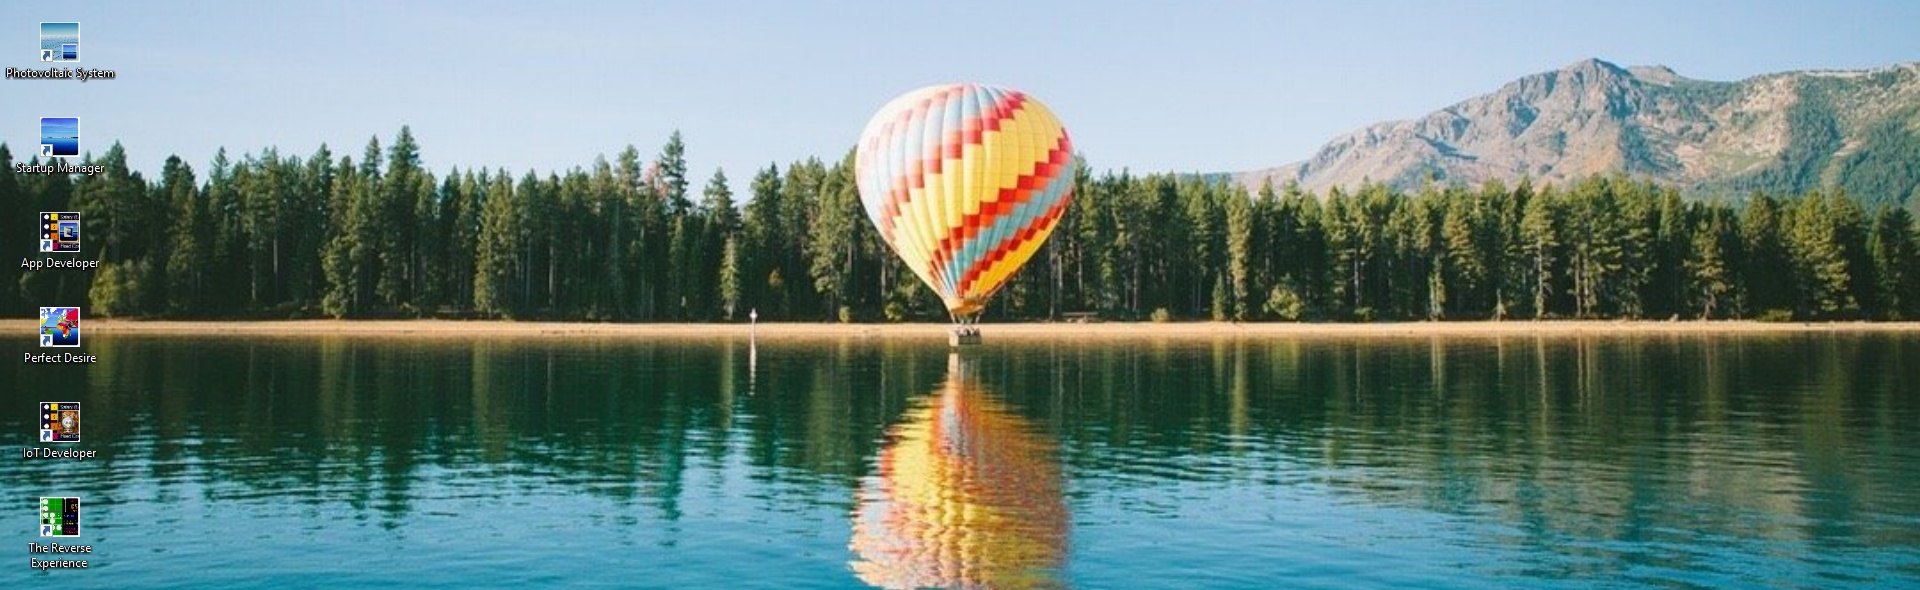 dna-header-balloon-over-lake